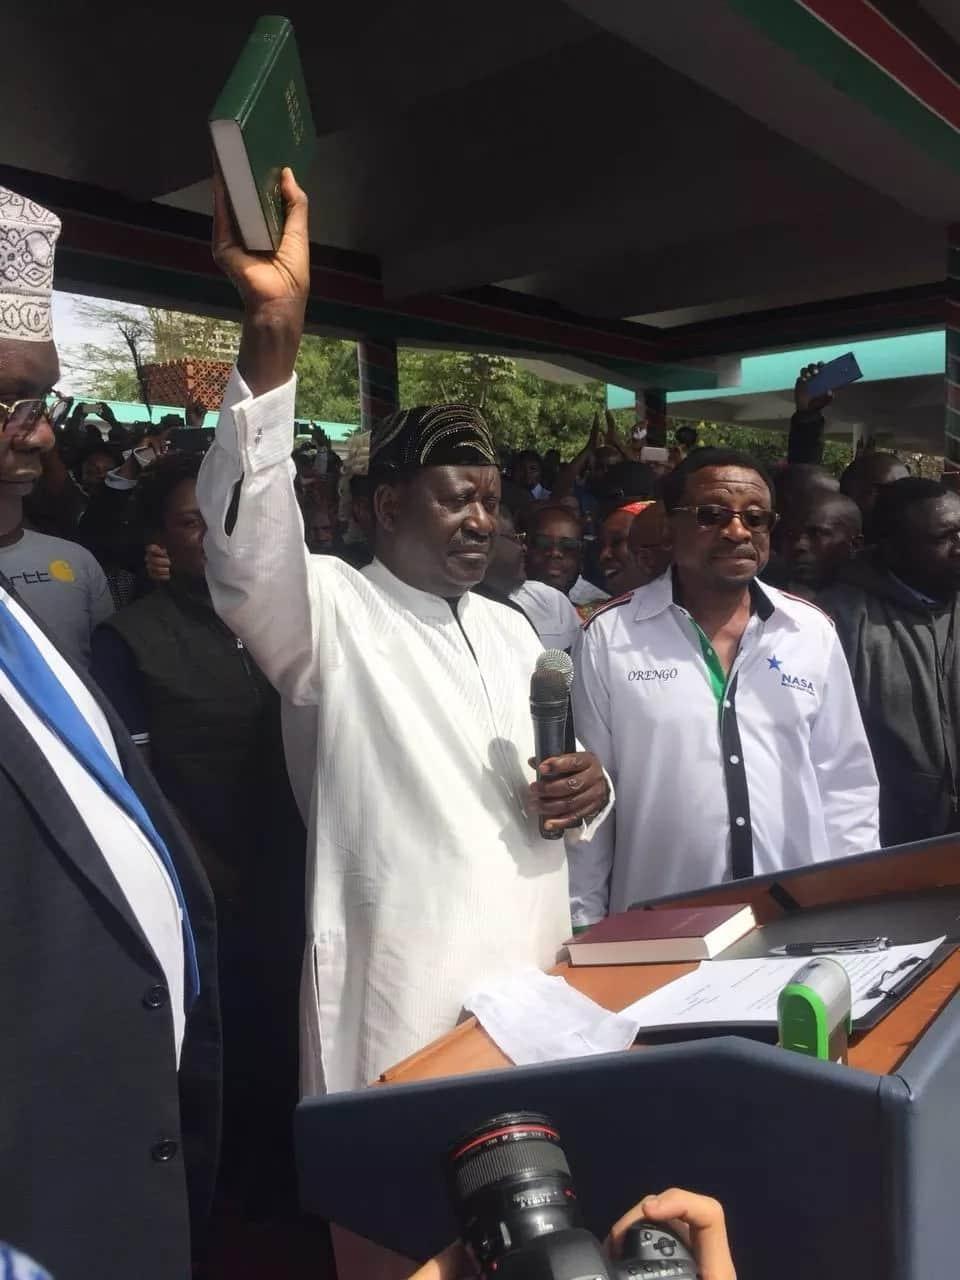 Raila Odinga finally takes oath as the People's President